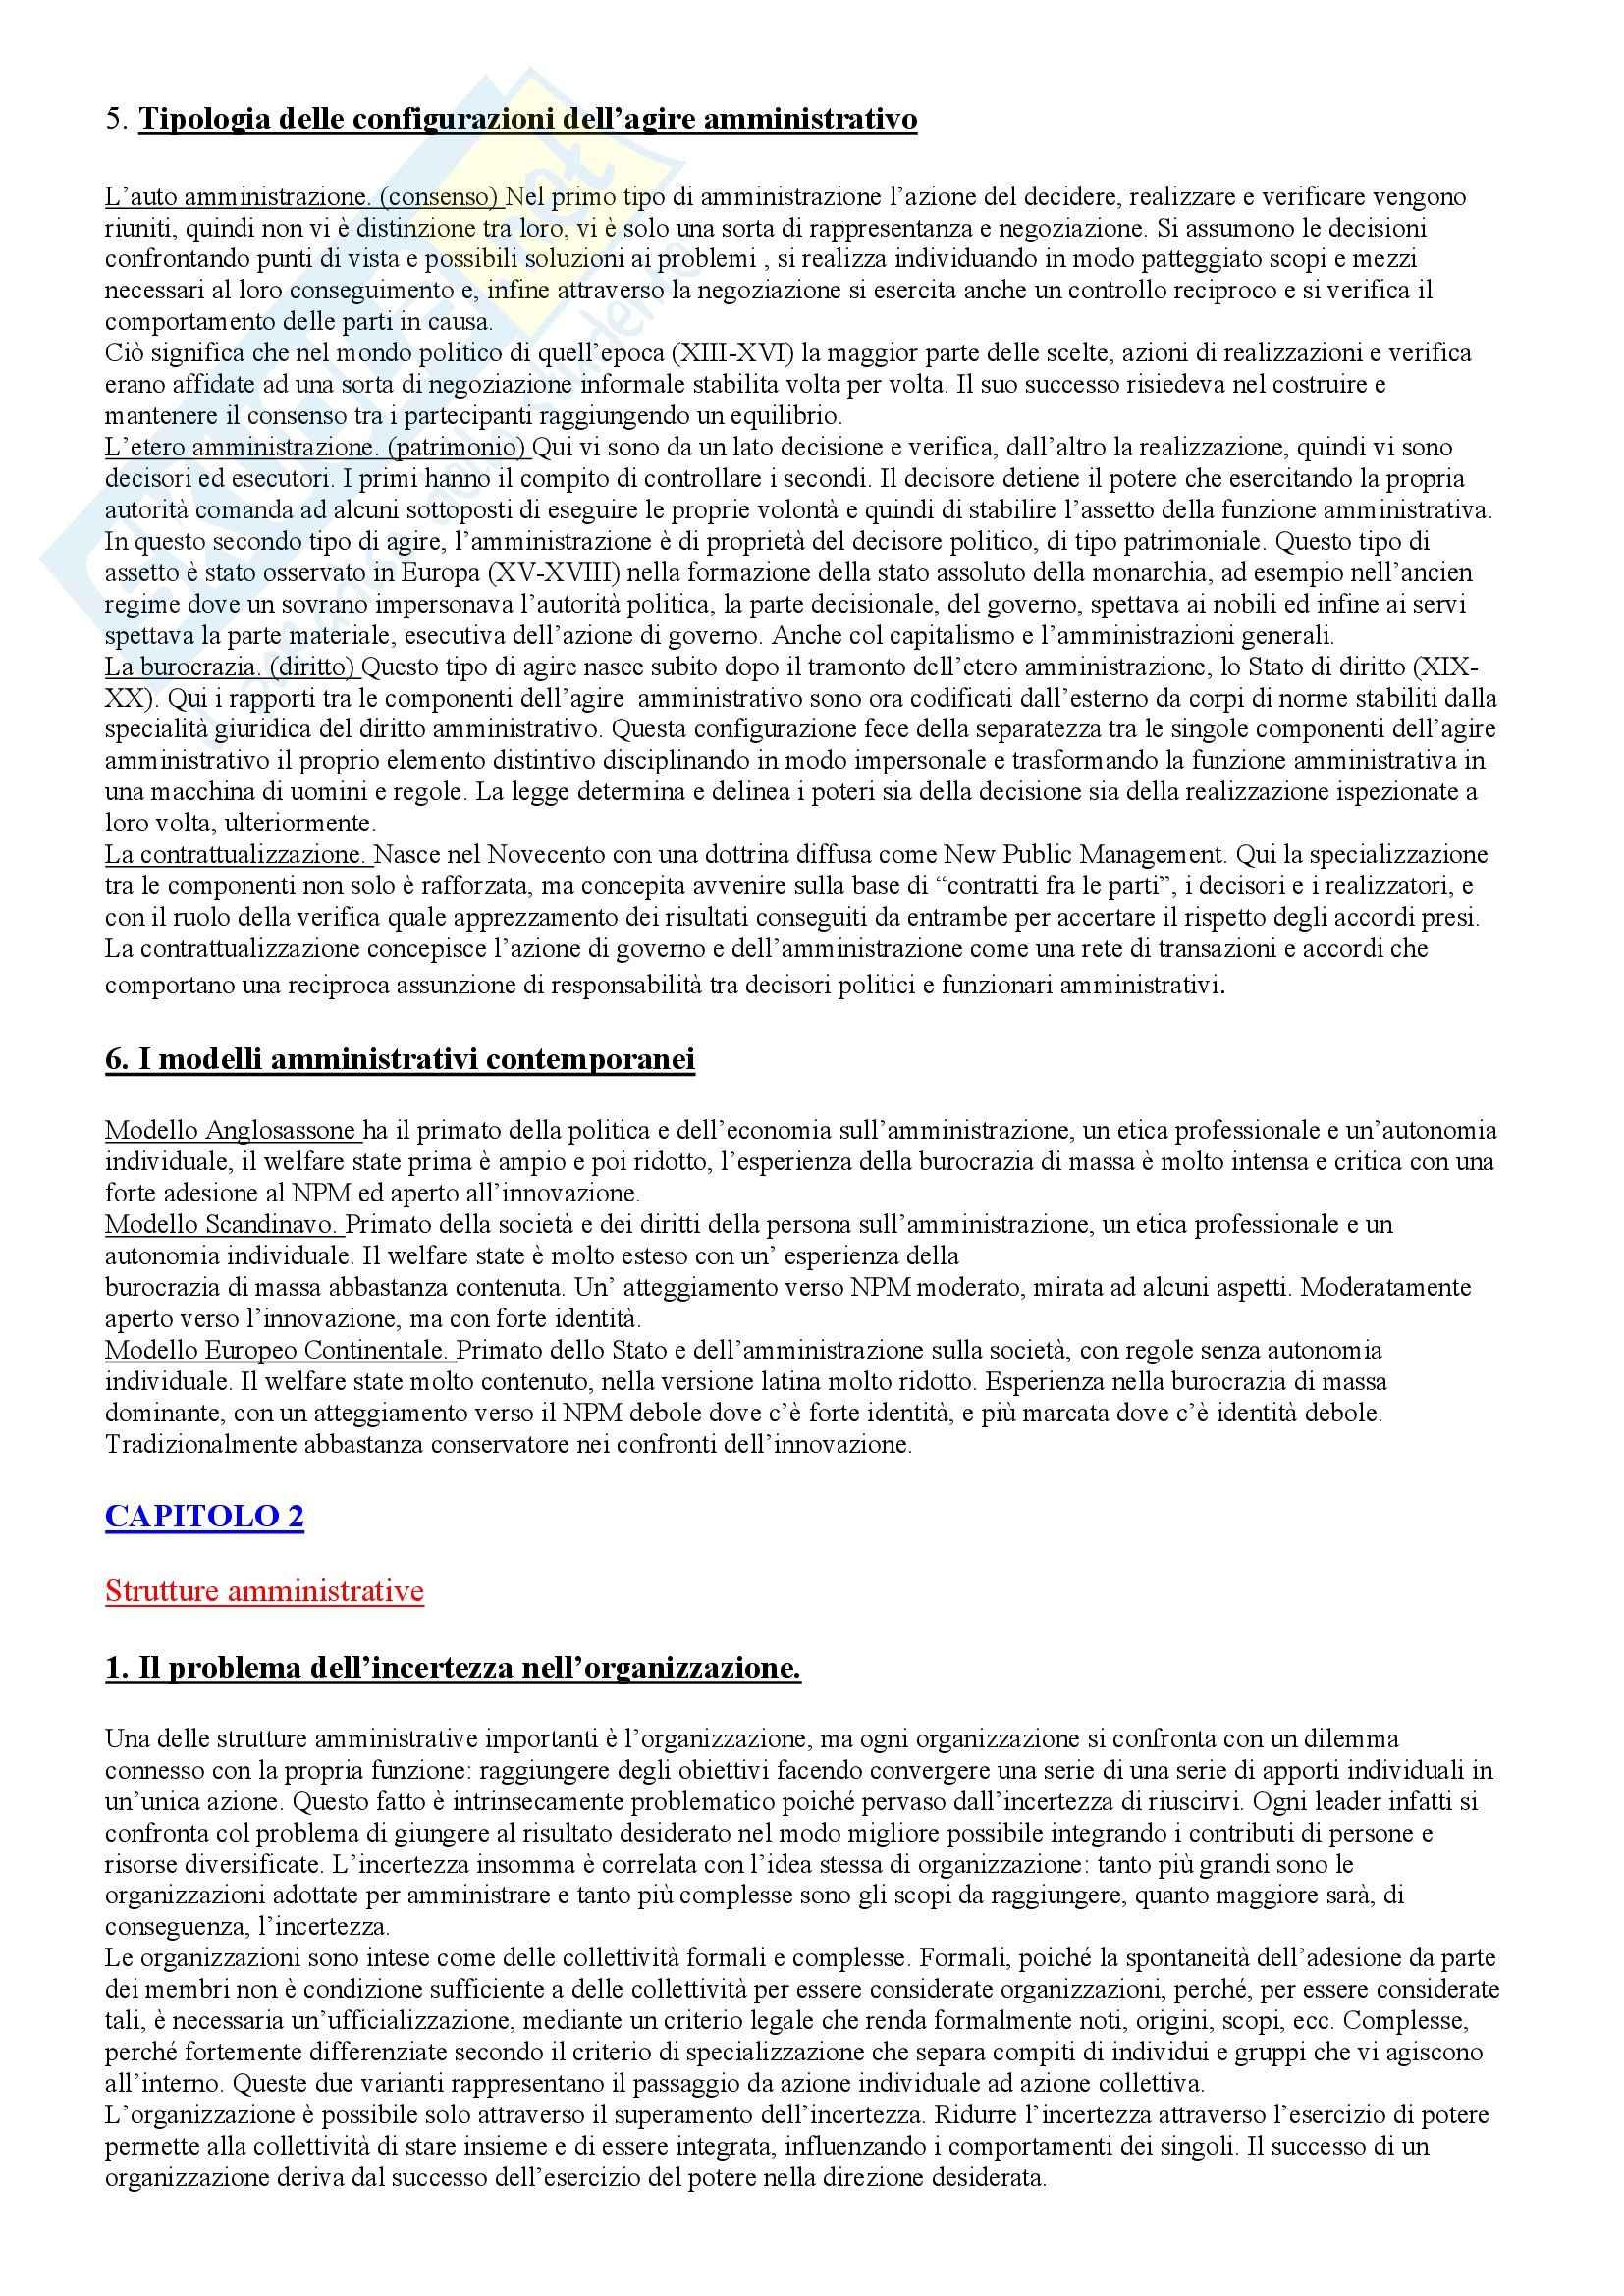 Scienza dell'amministrazione - Diritto amministrativo Pag. 2